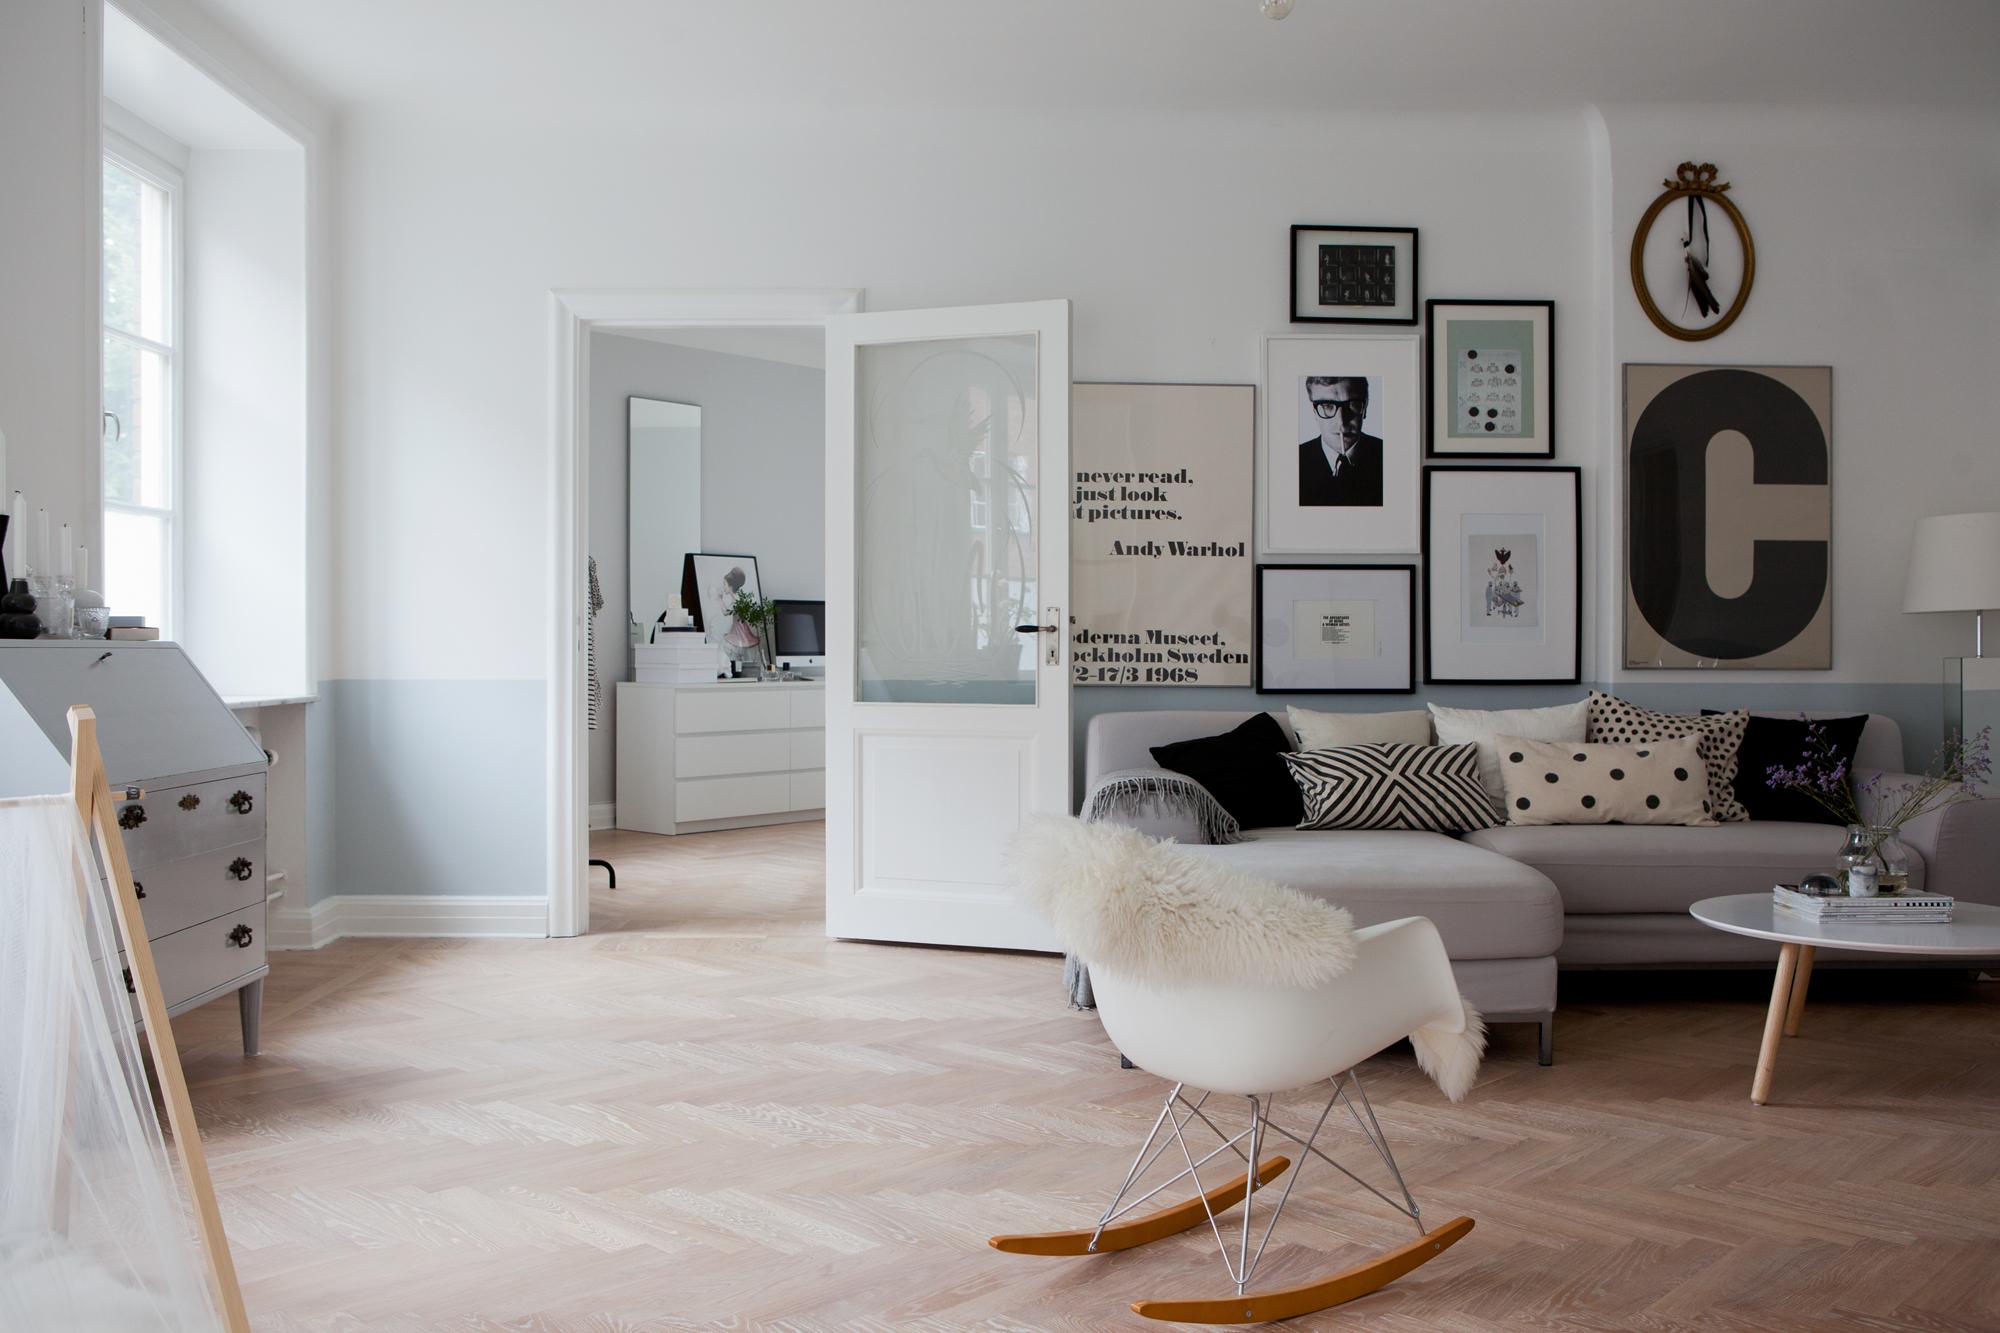 Stijlvolle woonkamer in voormalig winkelpand inrichting - Deco design slaapkamer ...